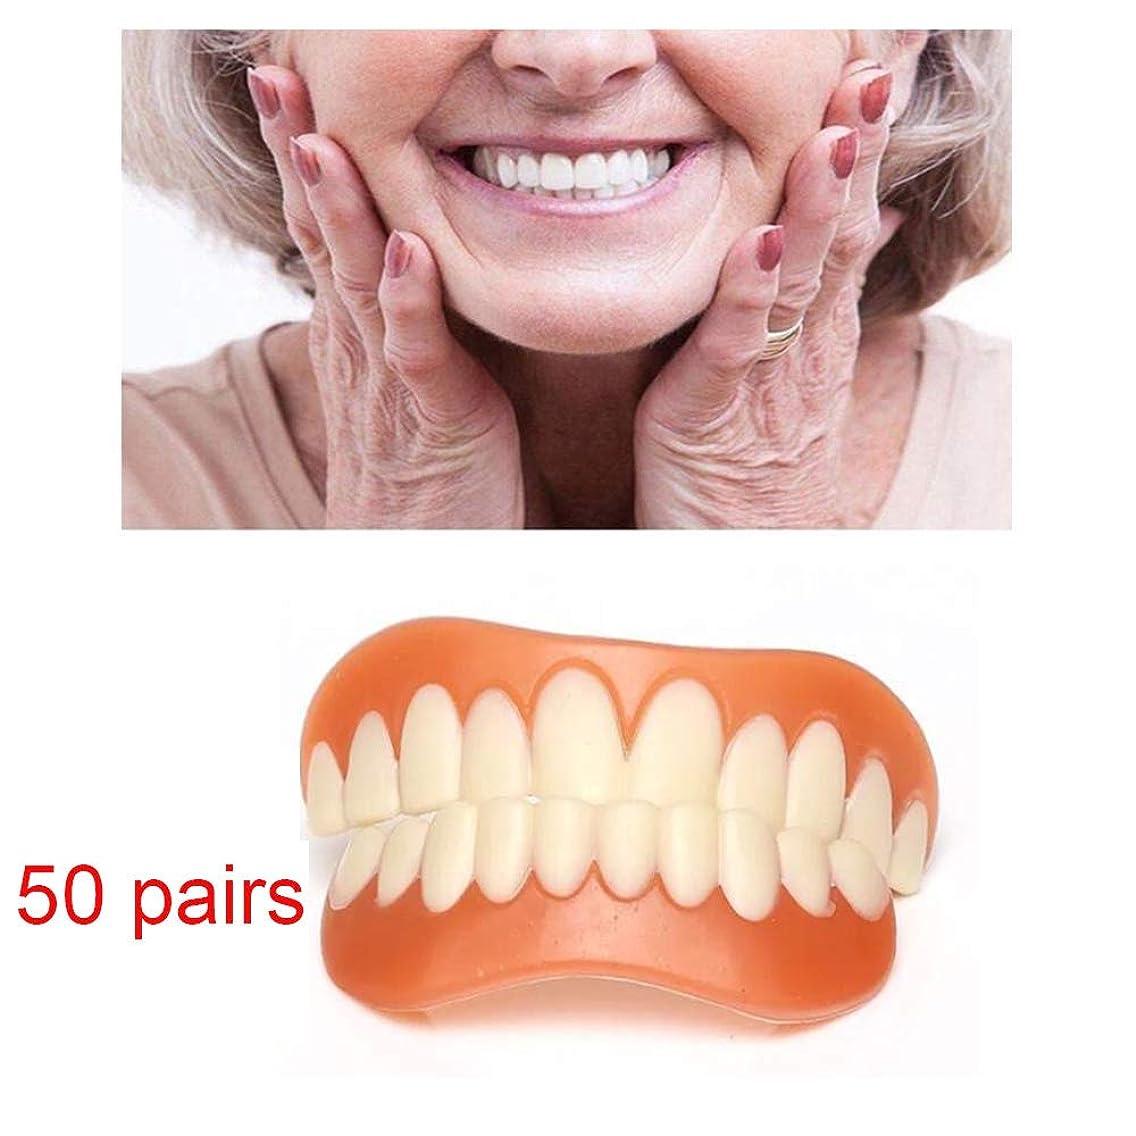 ワイプ蜂繁雑50ペア偽の歯のステッカーシミュレーション歯ホワイトニング義歯貼り付けブレース上下の歯カバーツールあなたにパーフェクトスマイルベニアサイズフィット